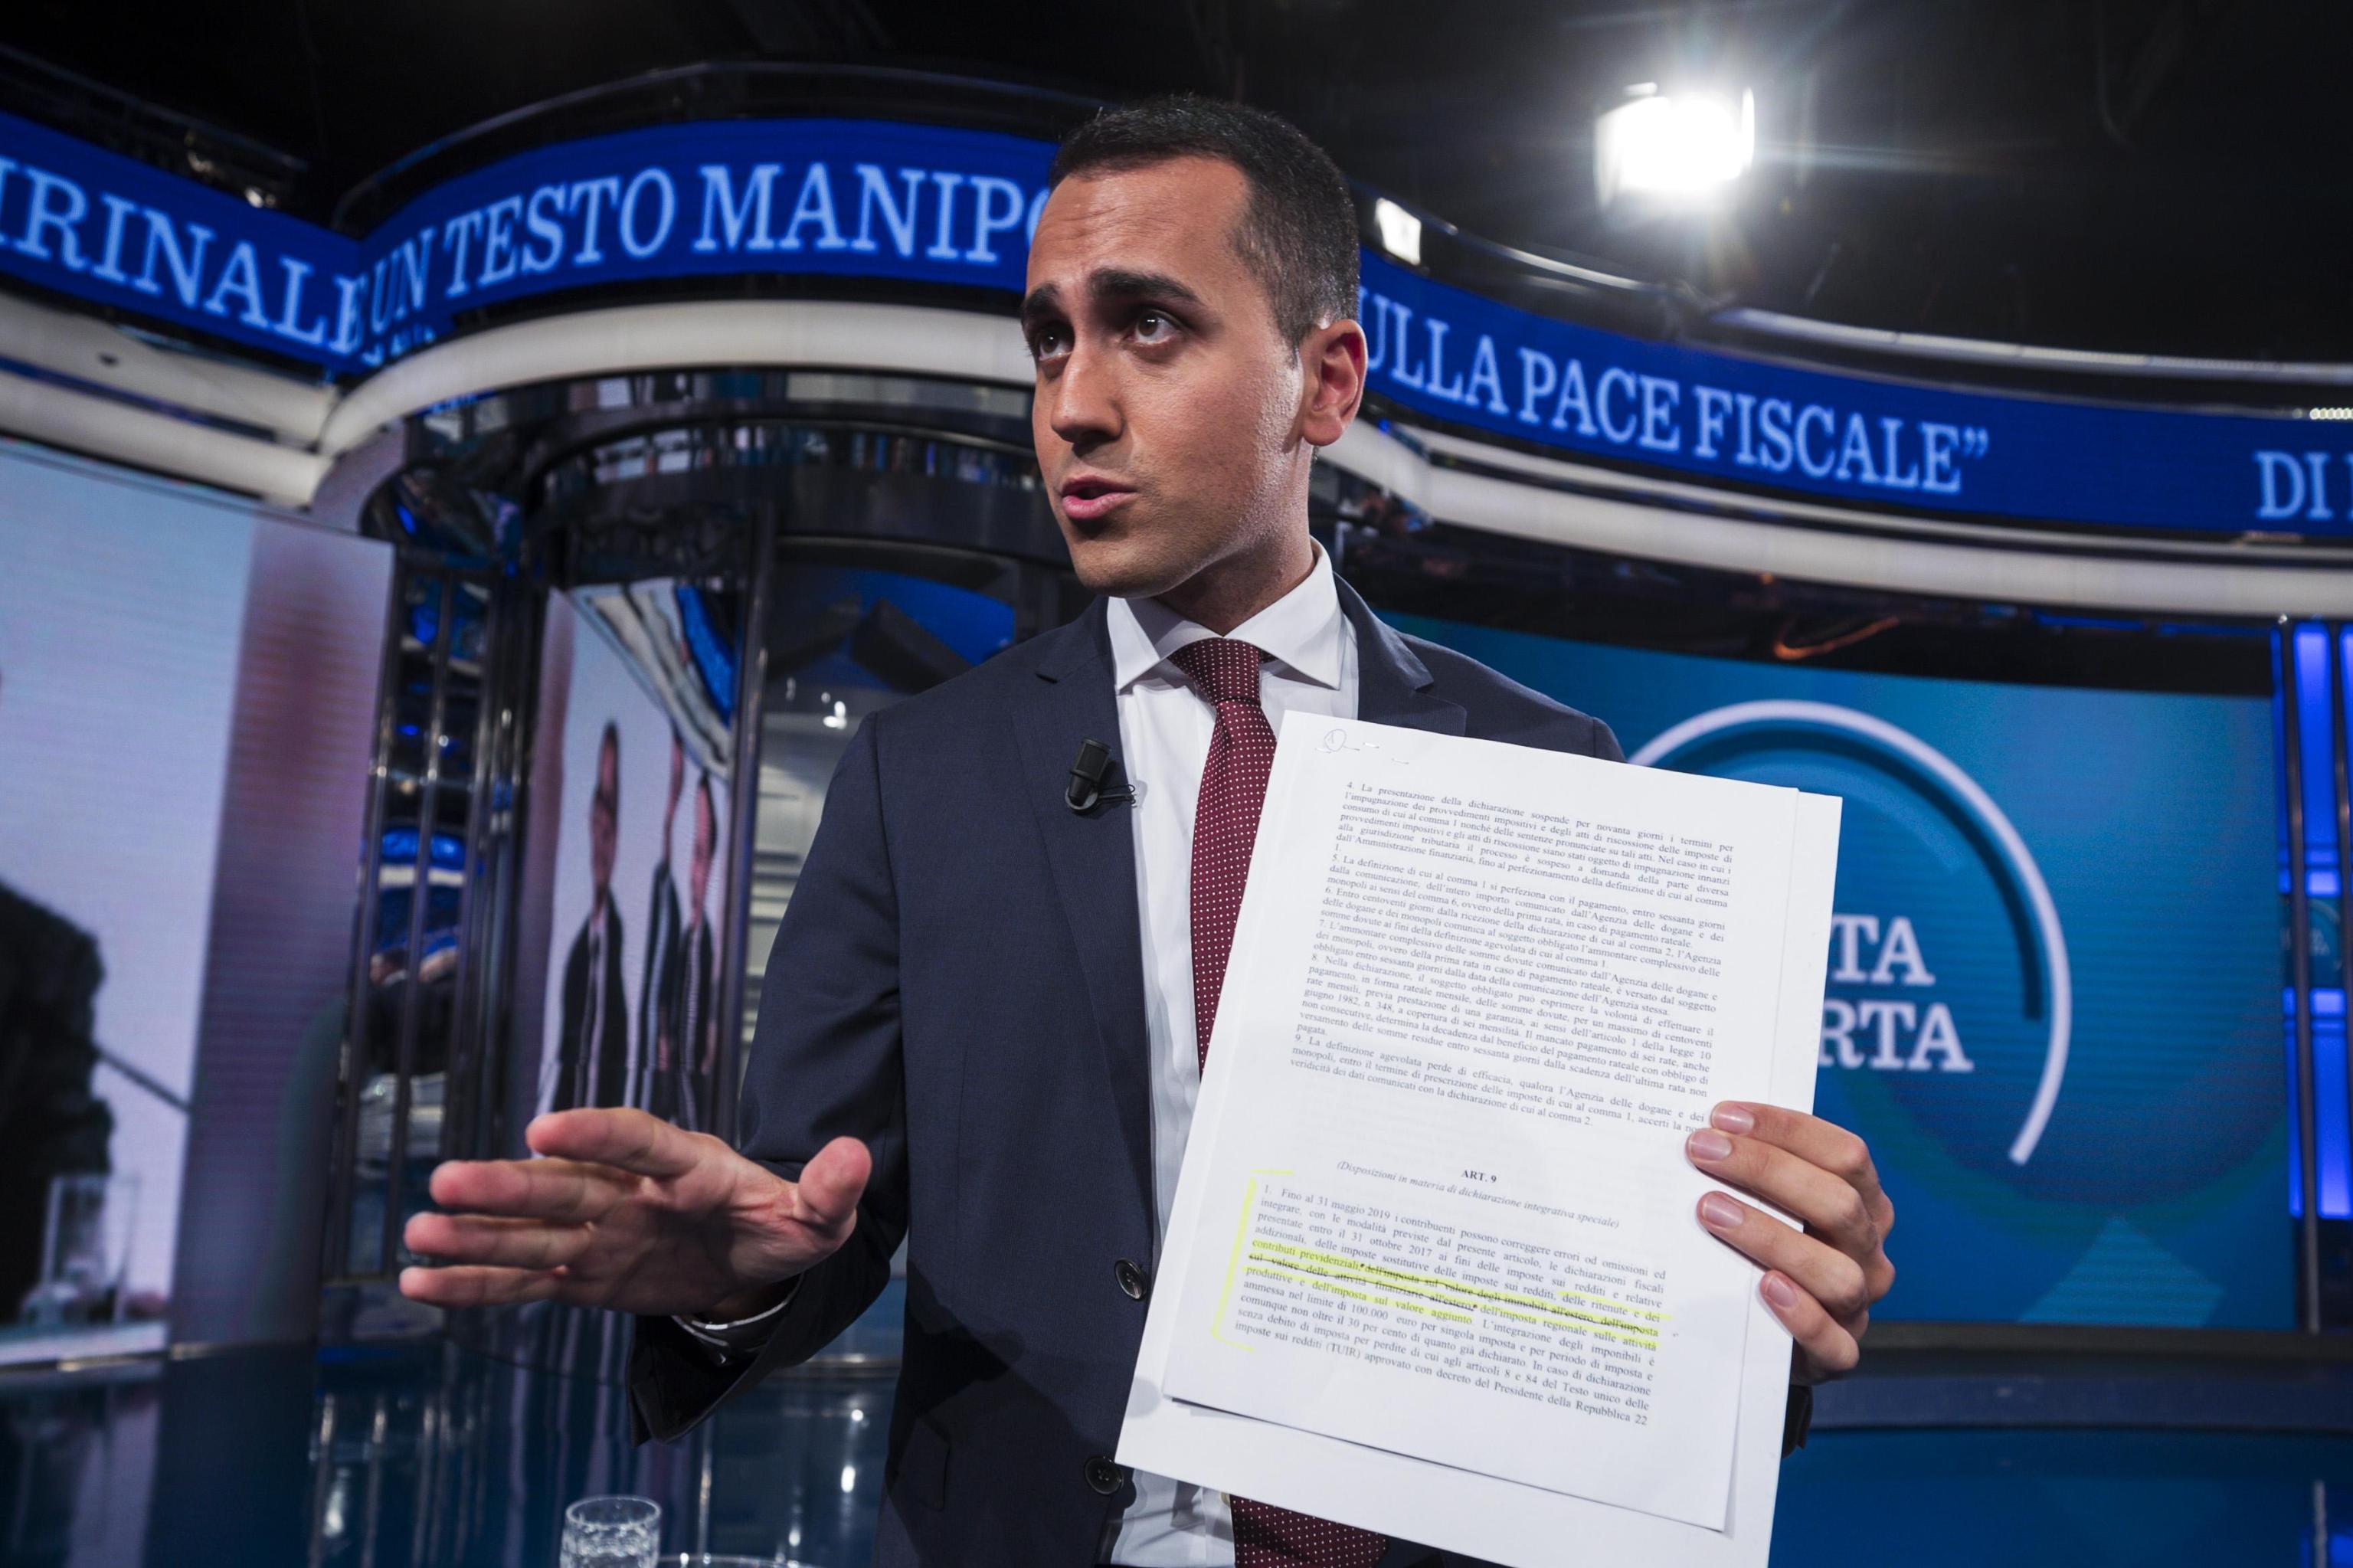 Manovra: Di Maio denuncia in tv la manipolazione, caccia alla 'manina' che ha truccato le carte